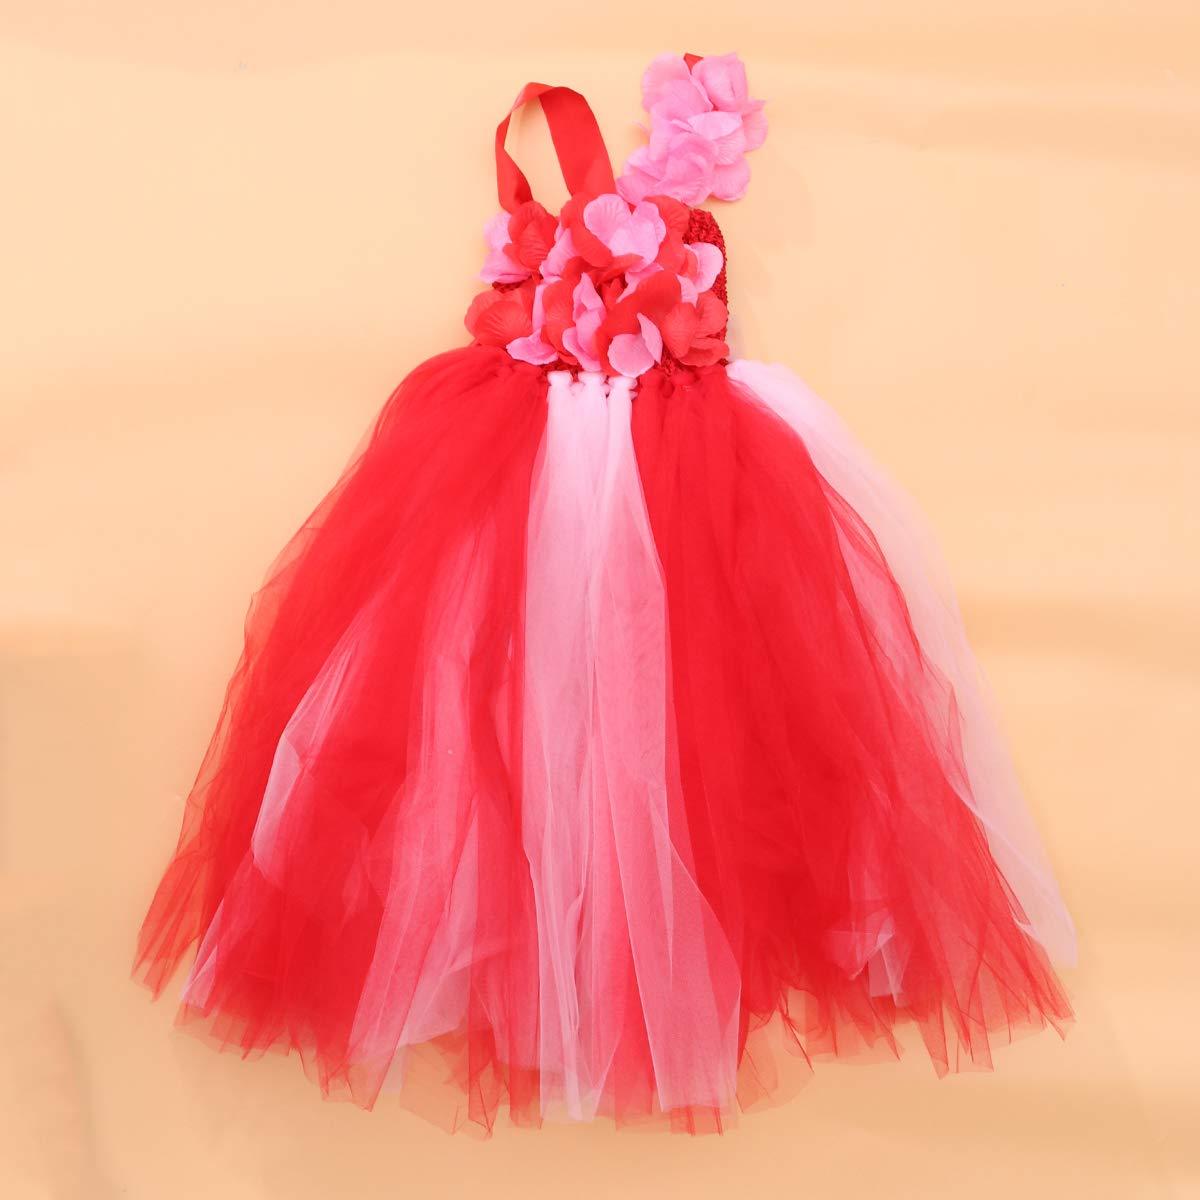 LUOEM Disfraz de Princesa de Hadas para ni/ñas con Vestido de Princesa Disfraz de Princesa de Arco Iris para Disfraces de tut/ú para ni/ñas Disfraz de Cumple con Halloween para Fiestas de cumplea/ños 5Y